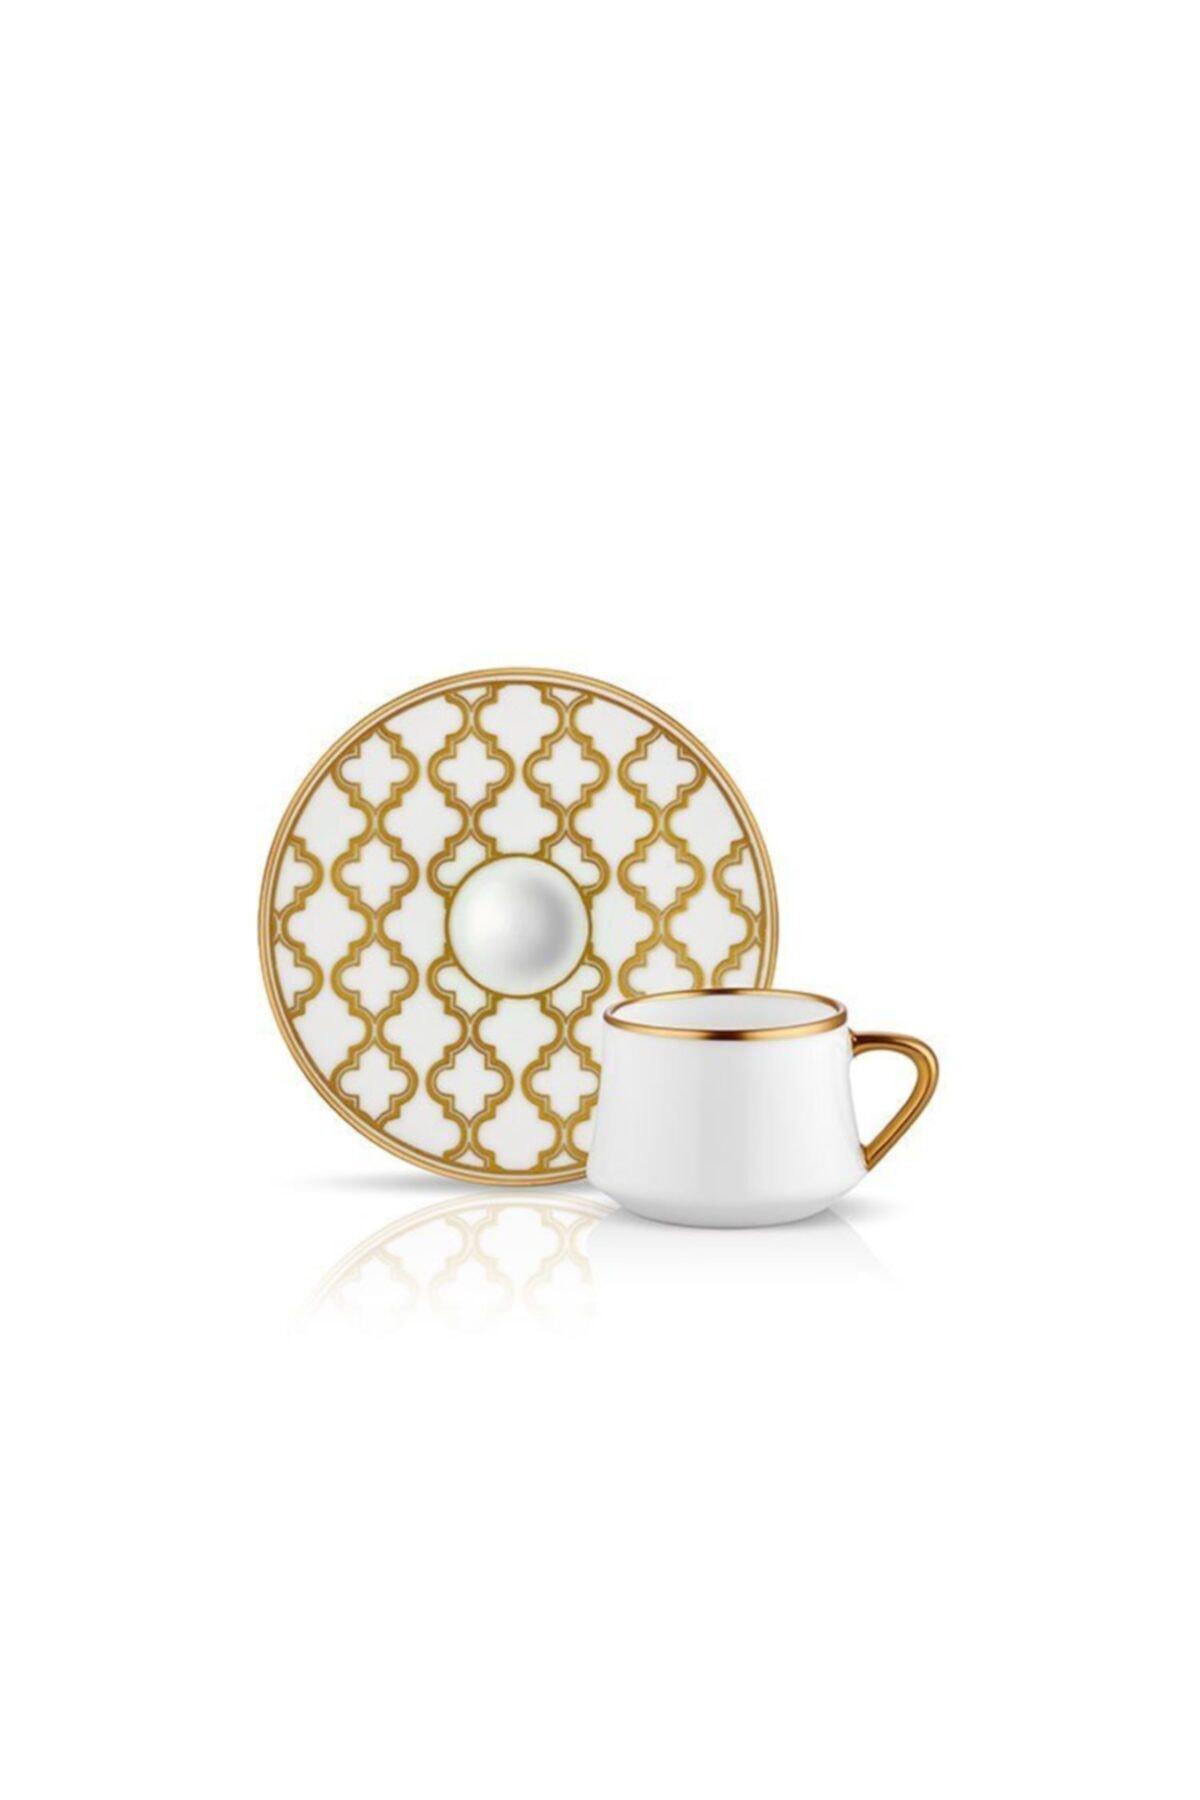 Koleksiyon Sufi Türk Kahve Seti Viyana Altın